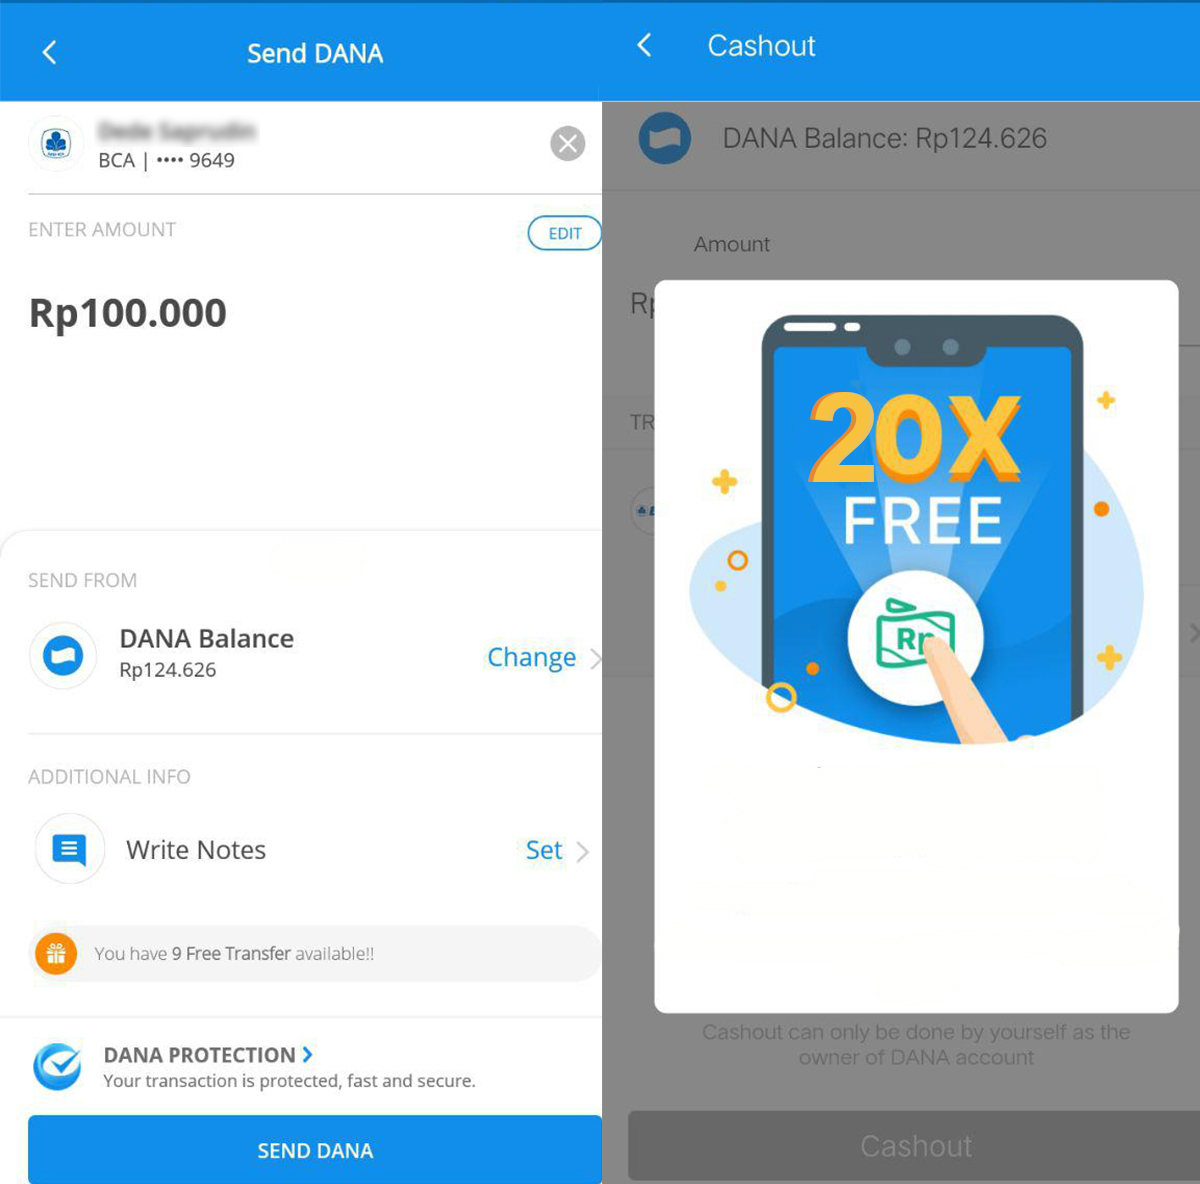 Cara Gratis Transfer Antar Bank Sampai 20x Di Aplikasi Dana Lewatonline Com